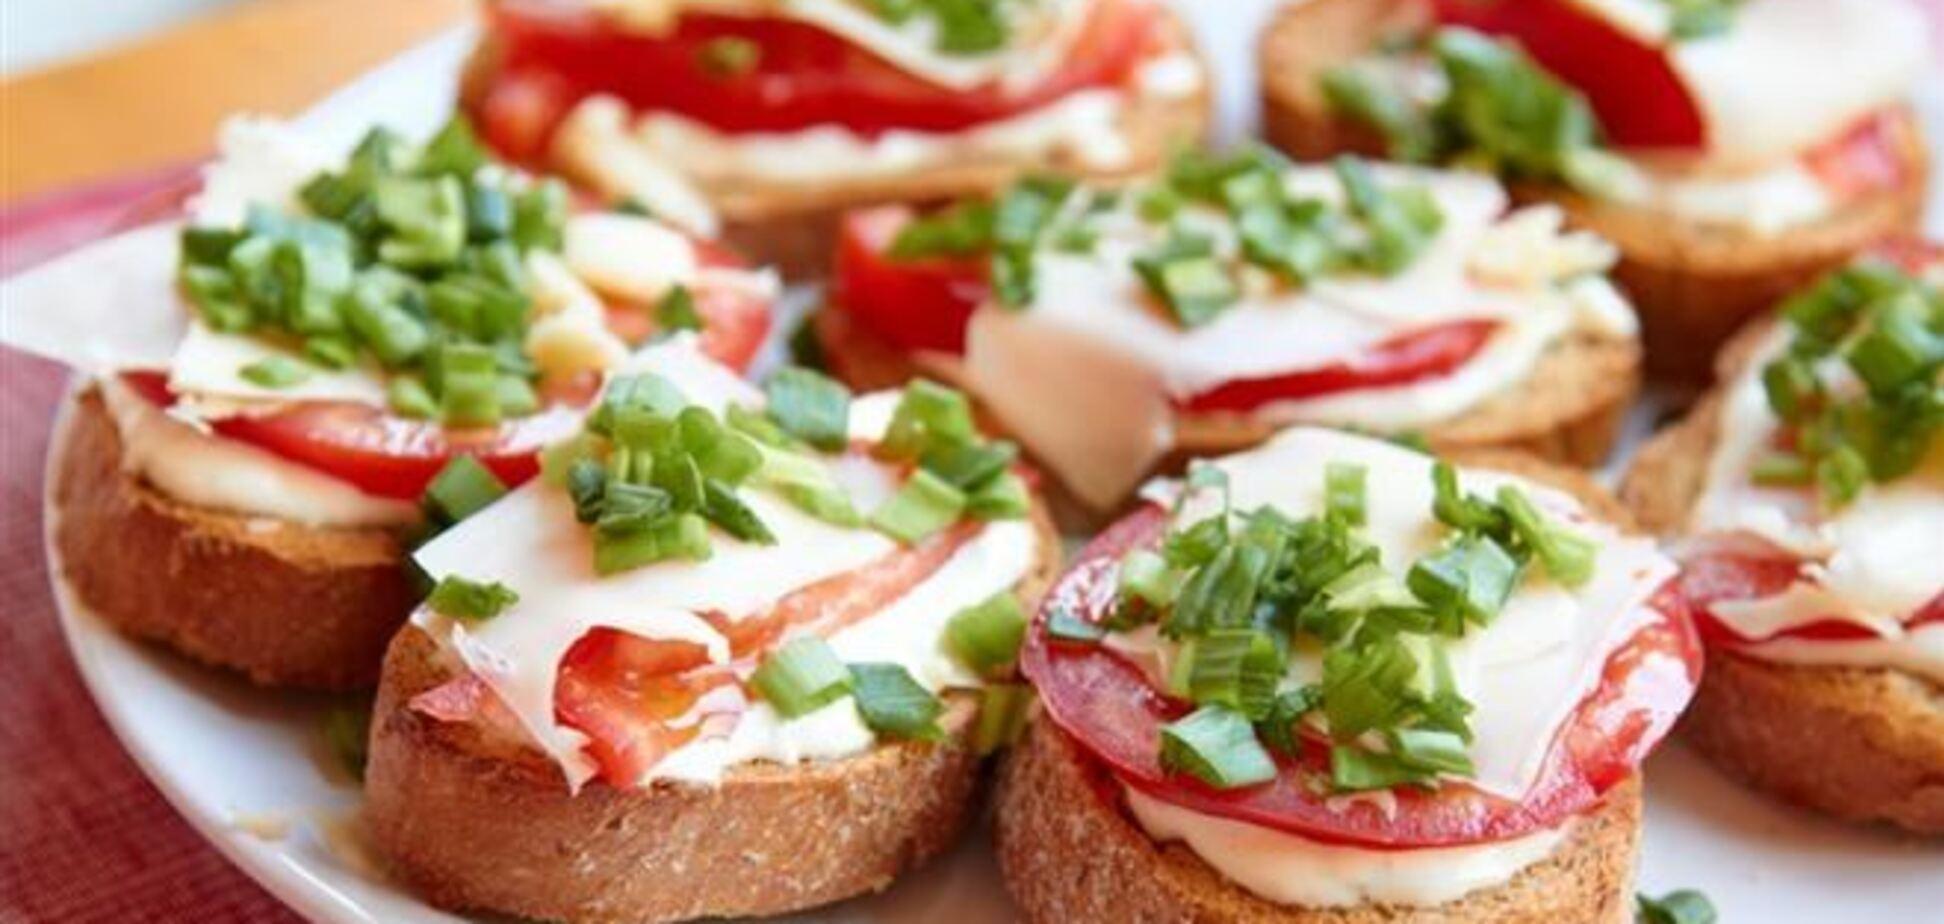 Бутерброды могут угробить зрение